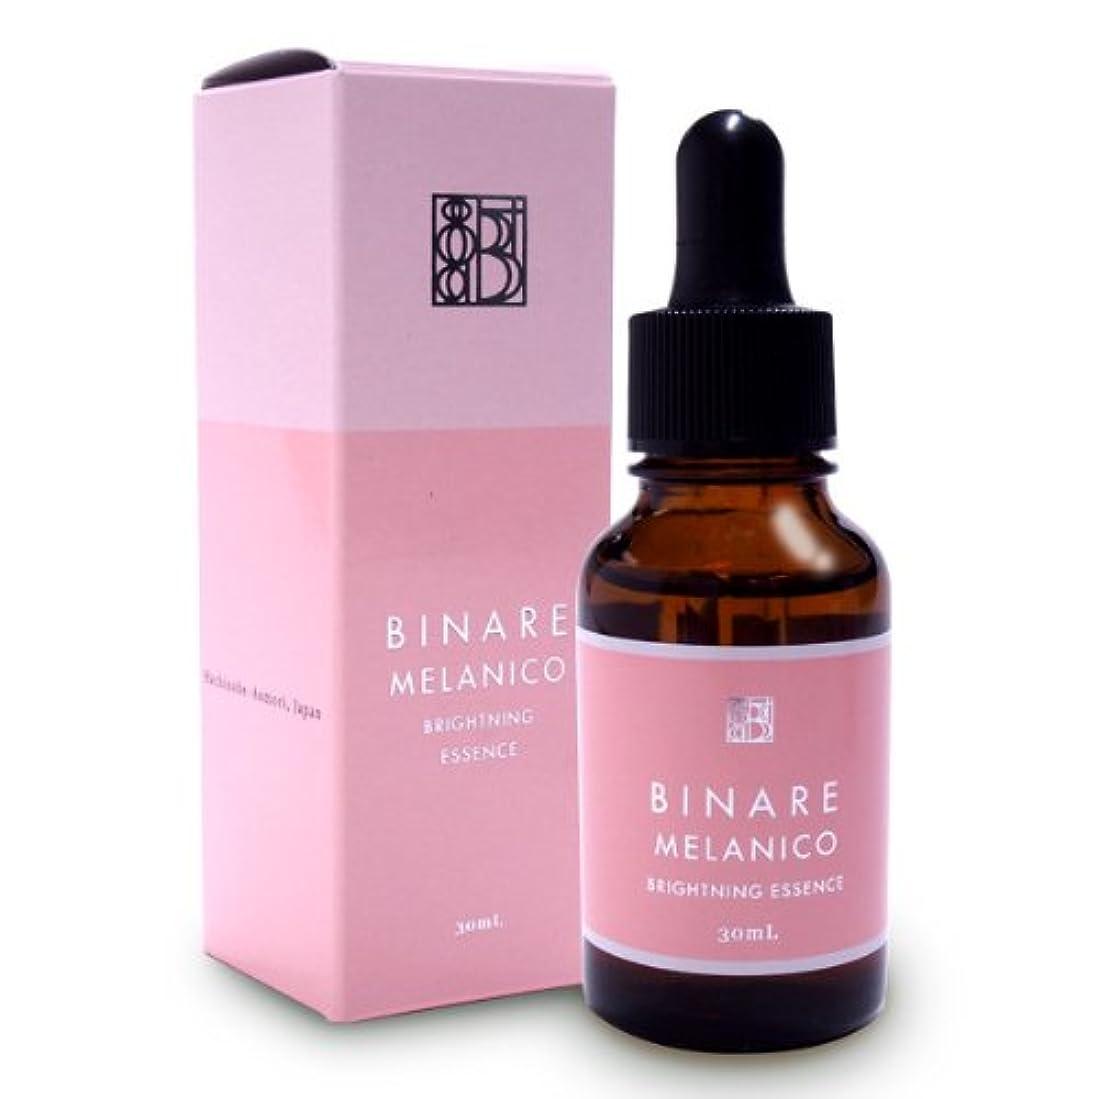 ラダバンドル割り込みプロテオグリカン配合ブライトニング美容液MELANICOメラニコ